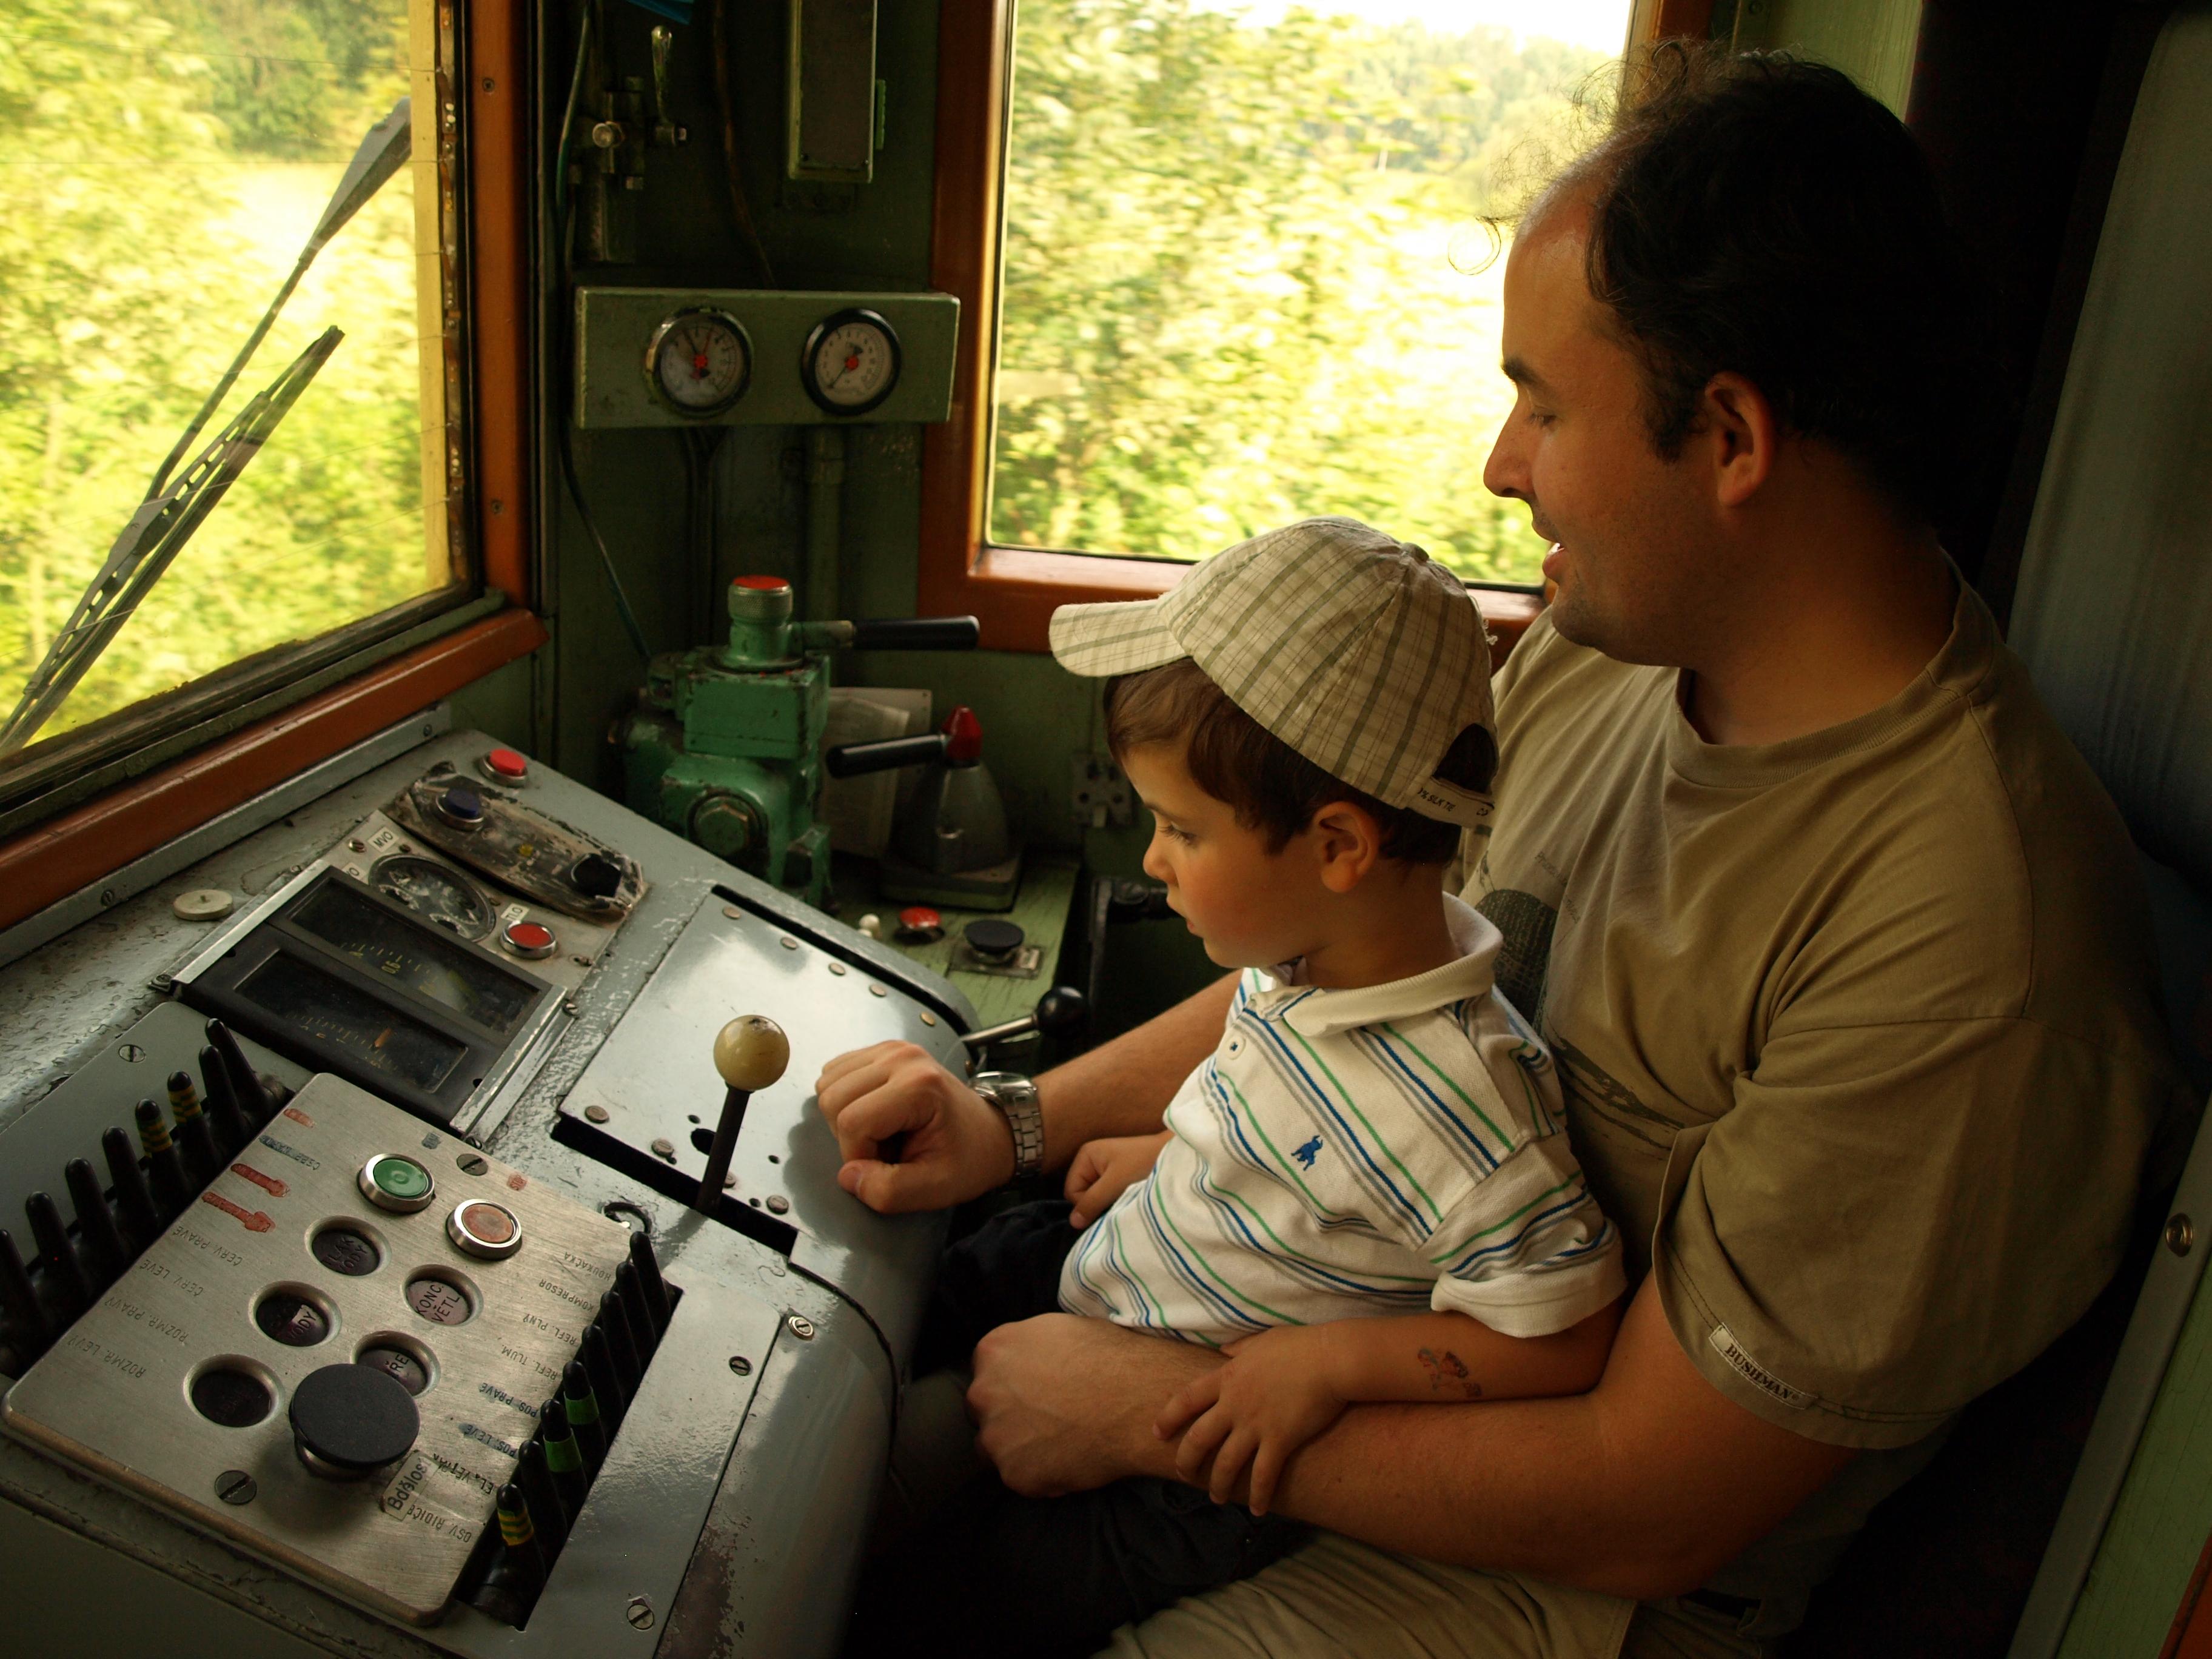 Vlak dává lidem práci